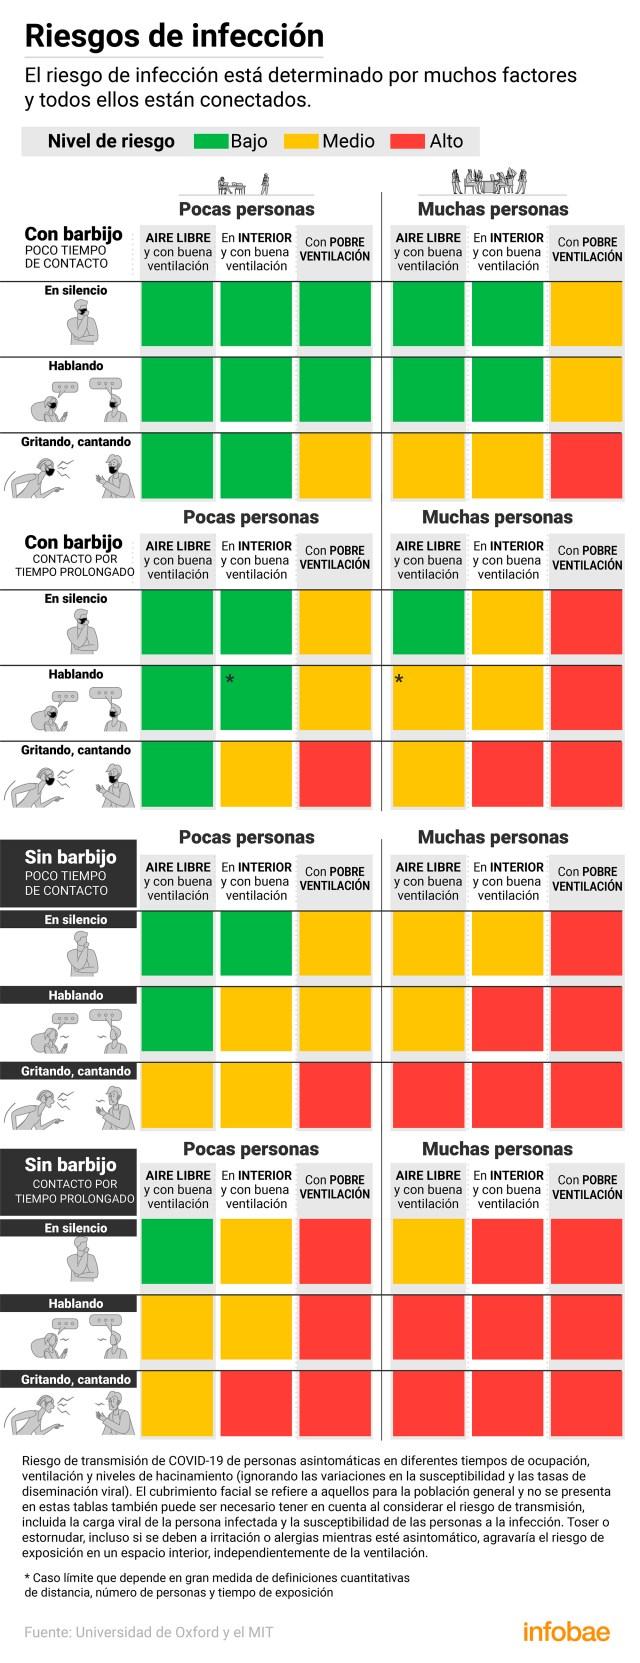 Para medir las variables, los investigadores tuvieron en cuenta tres niveles de riesgo, que identificaron como bajo, moderado y alto, con los colores verde, amarillo y rojo (Marcelo Regalado)